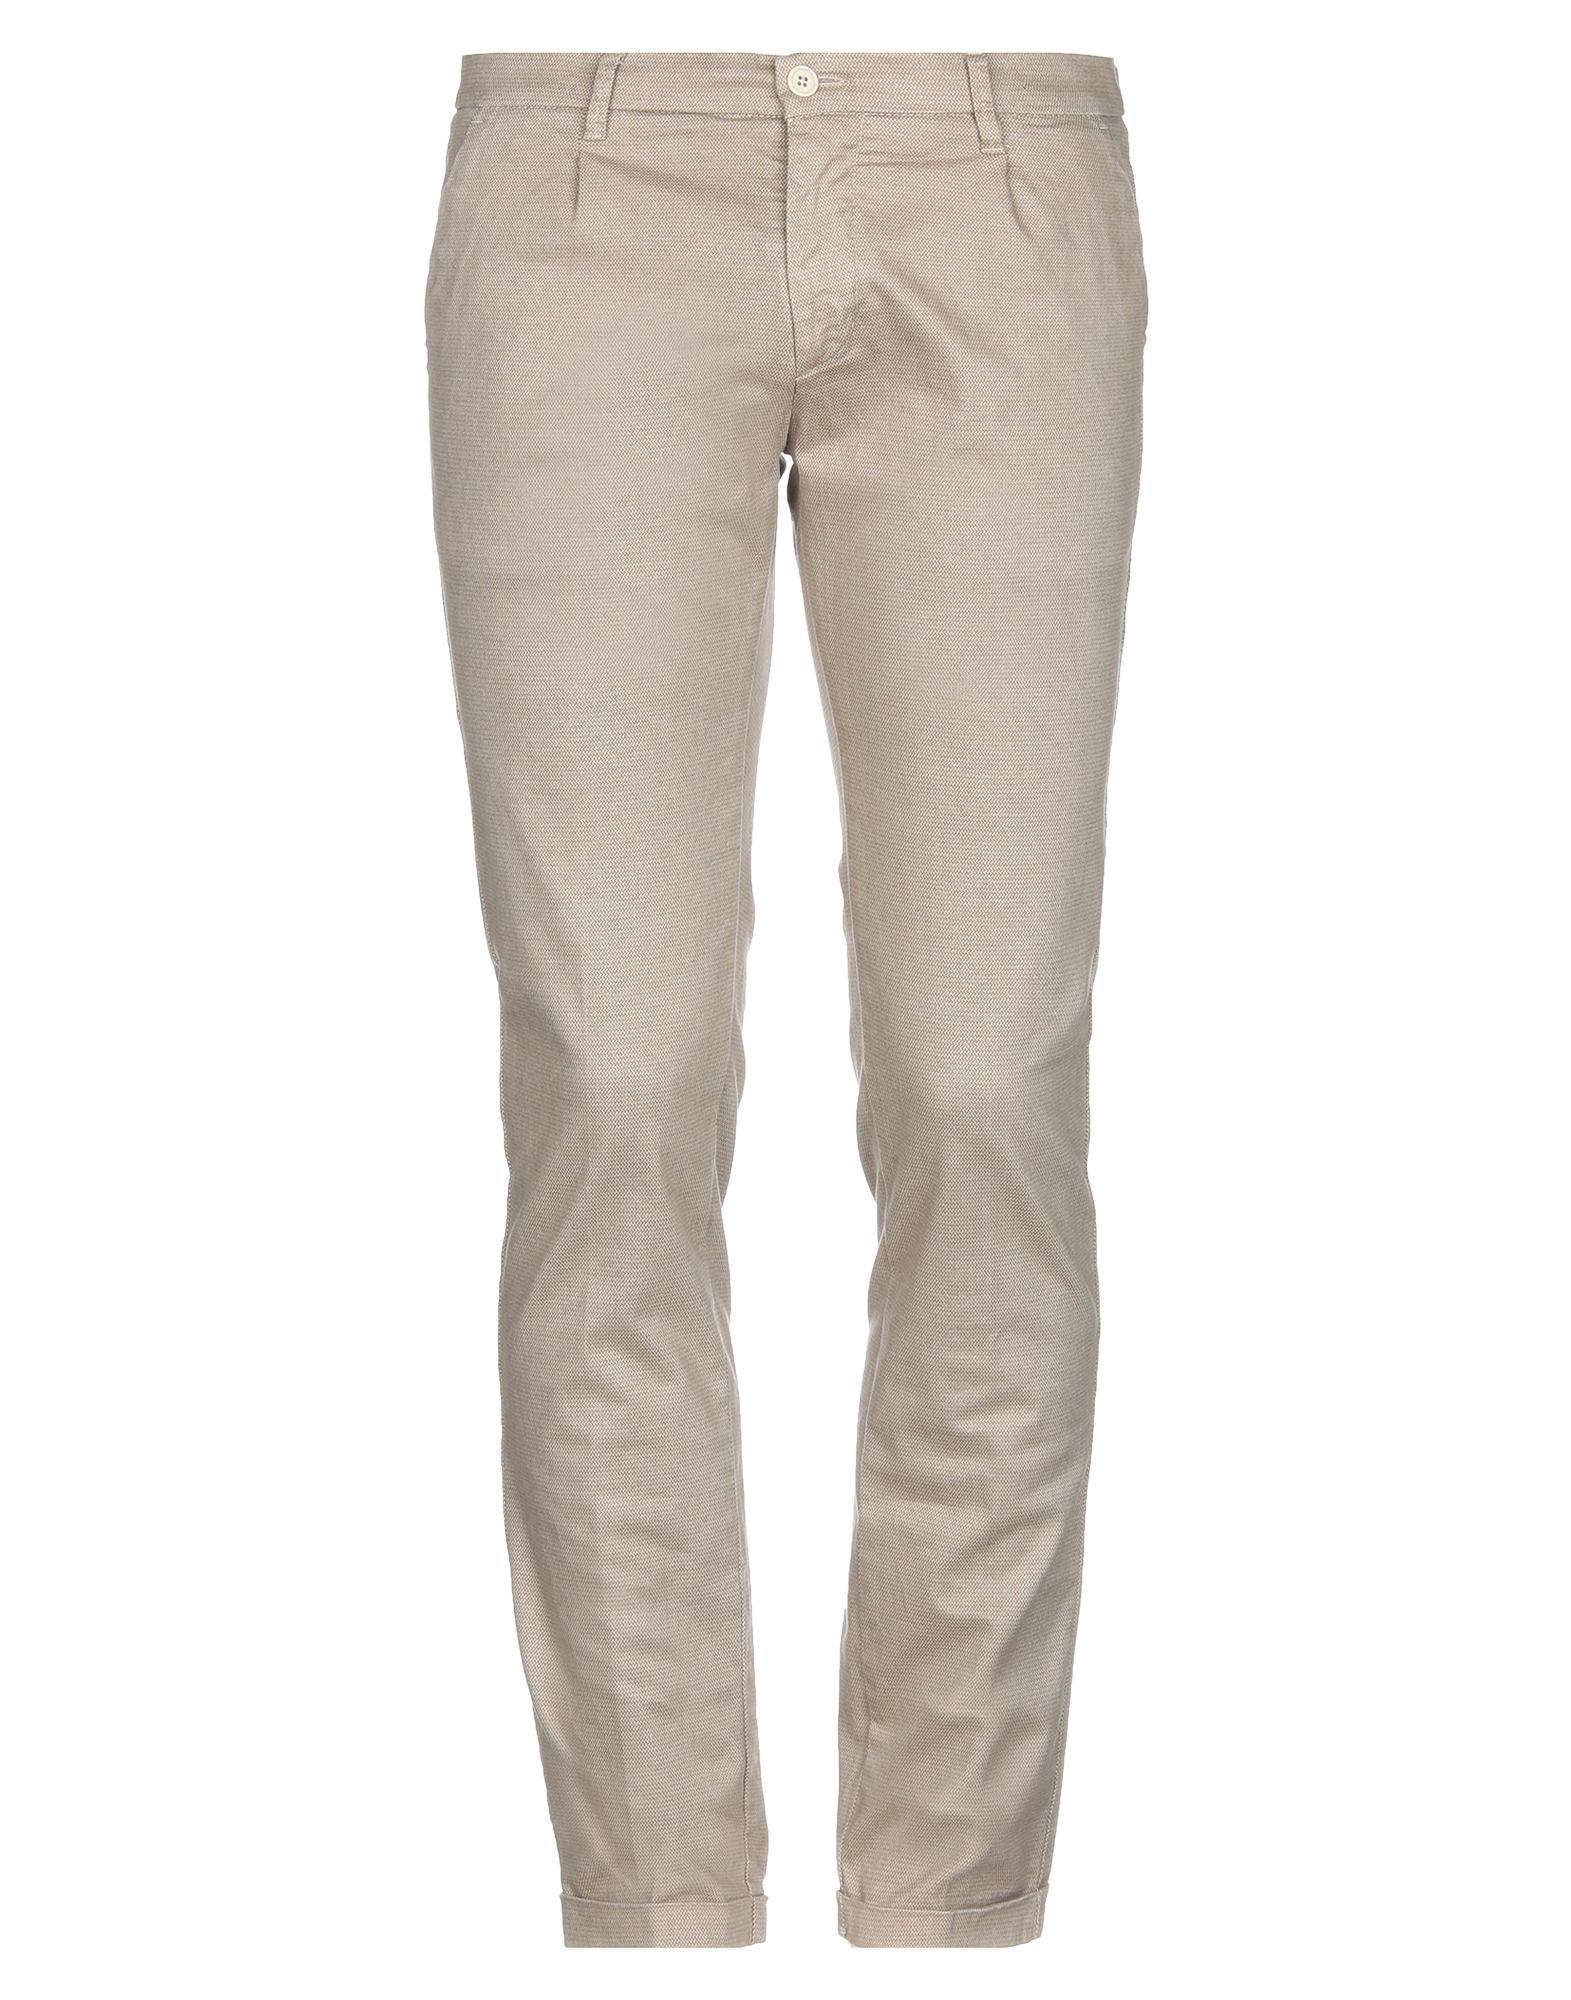 《期間限定セール開催中!》DOUBLE EIGHT メンズ パンツ ベージュ 48 コットン 97% / ポリウレタン 3%